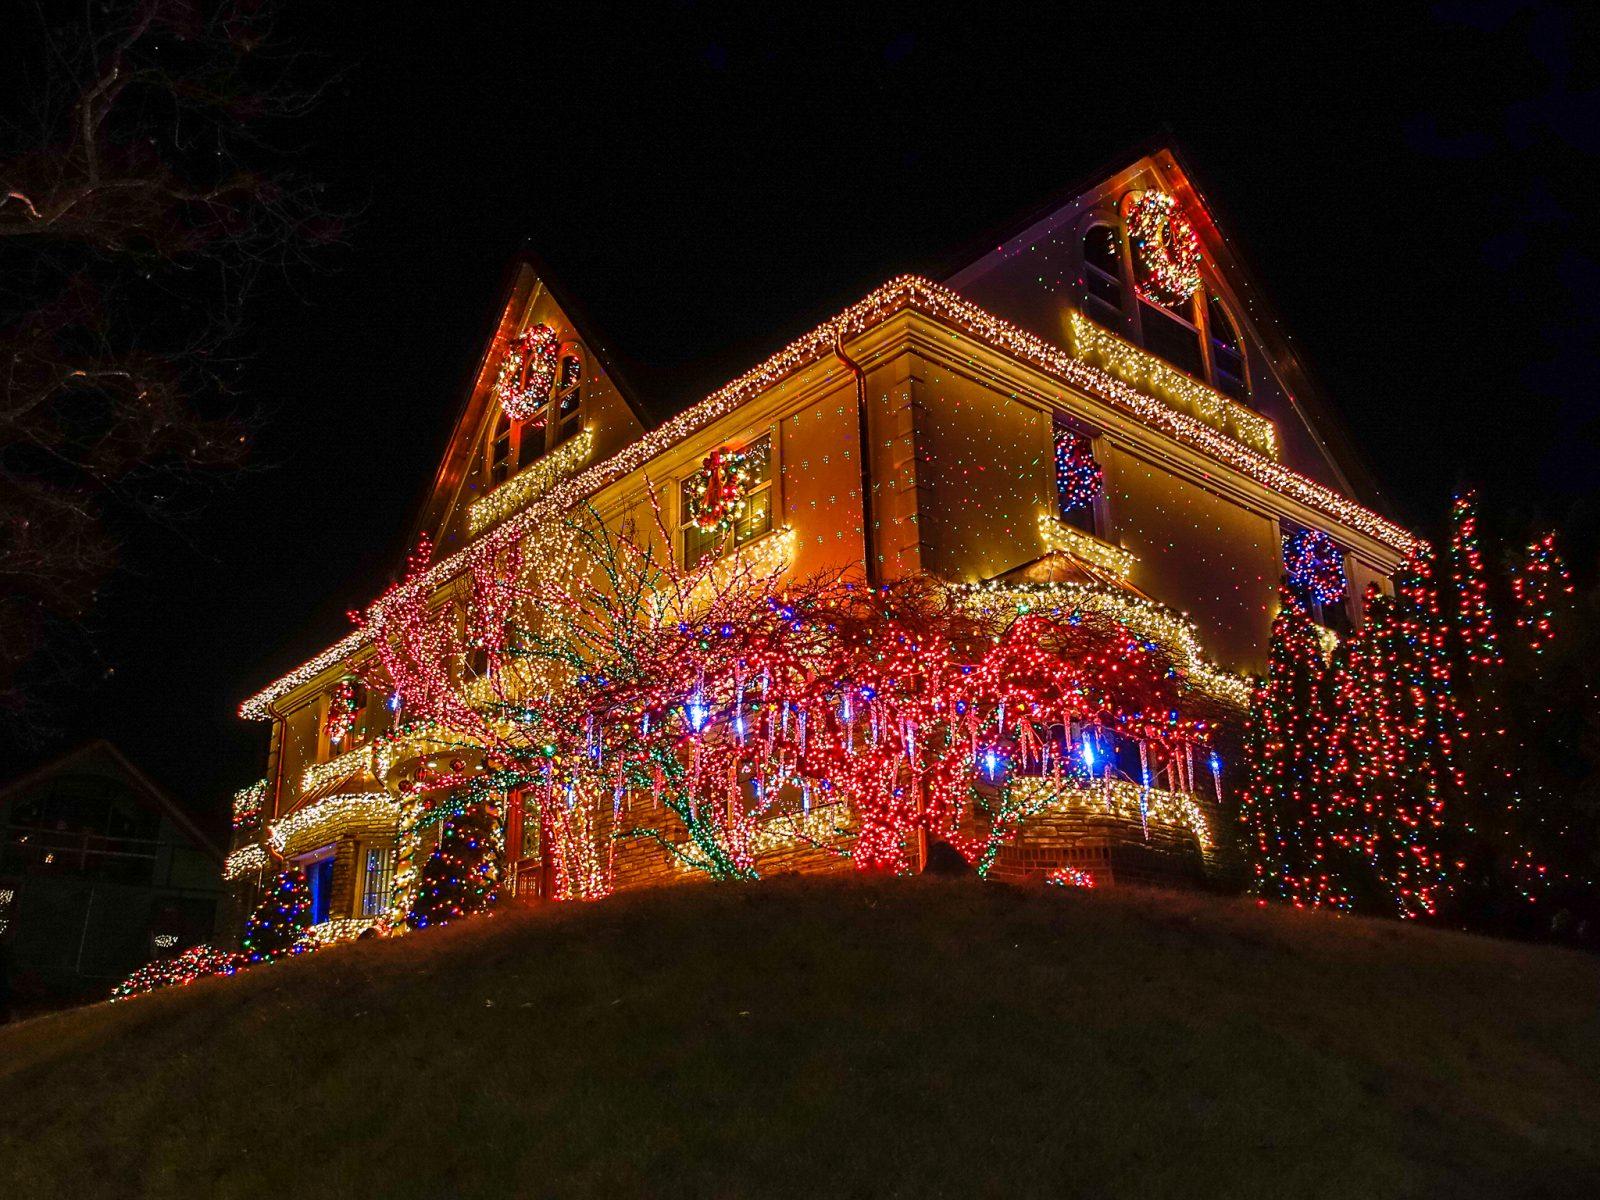 hus pyntet med rosa julelys